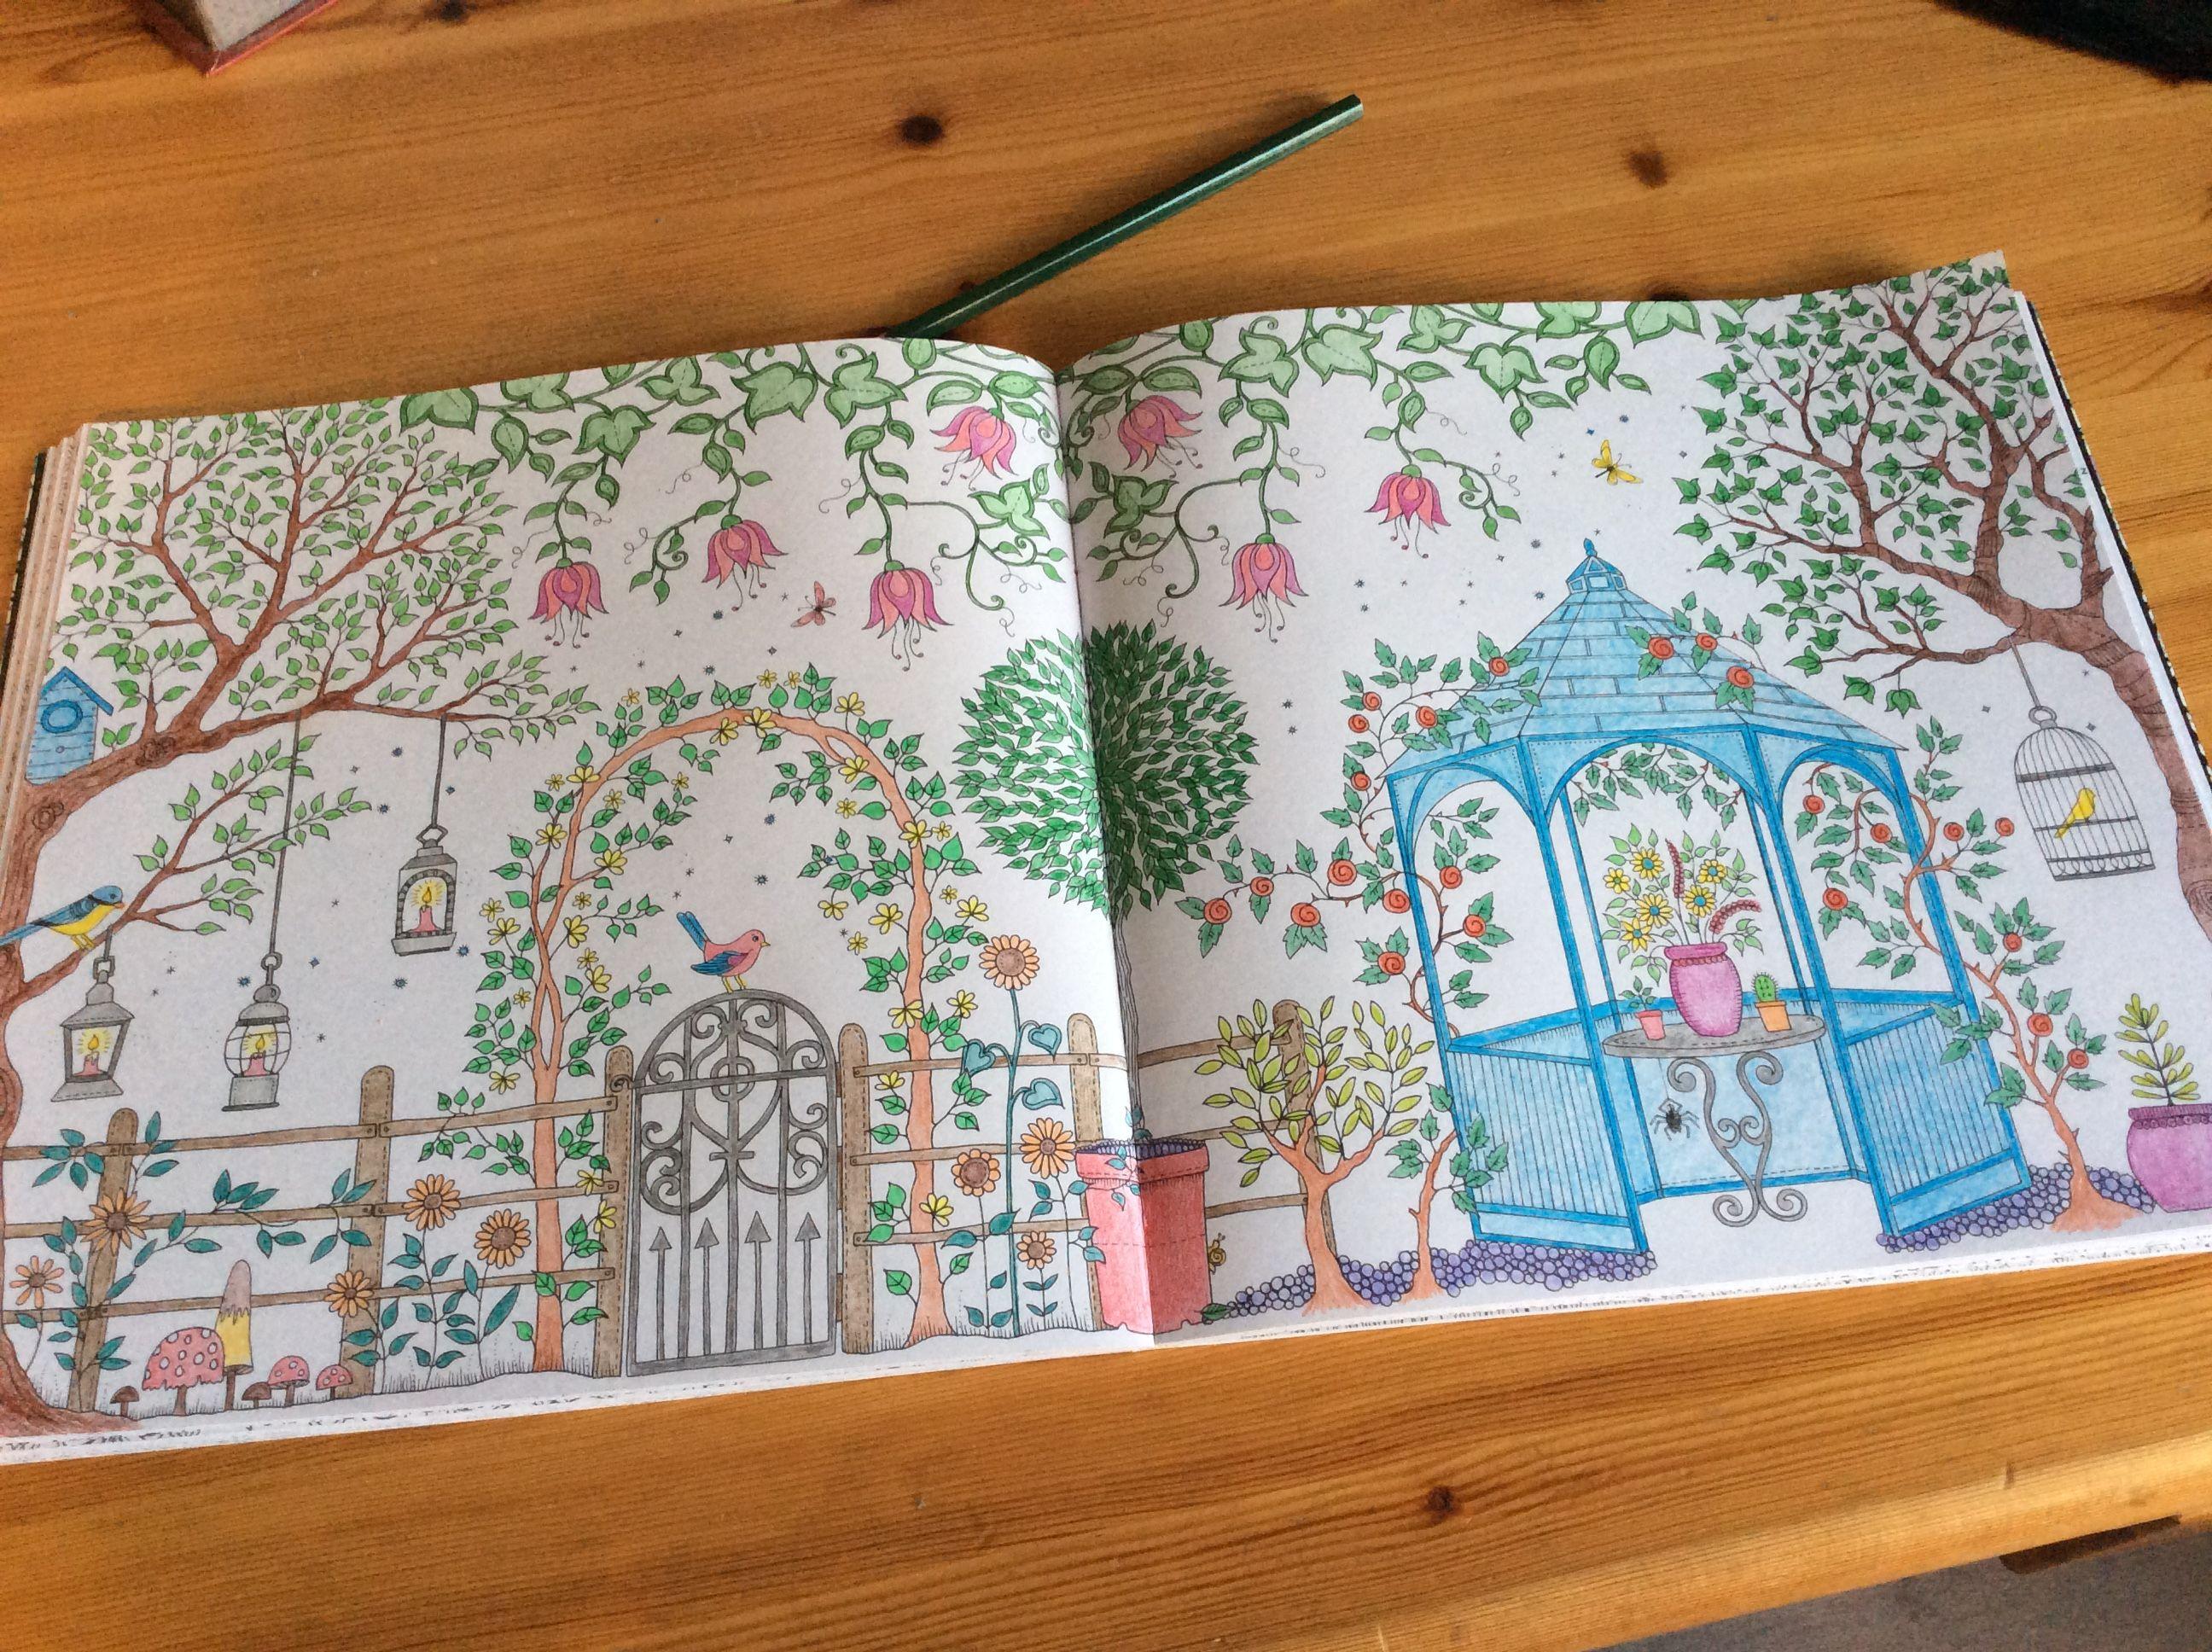 Épinglé par Sophie sur Coloriage jardin secret | Coloriage jardin secret, Jardins secrets, Coloriage